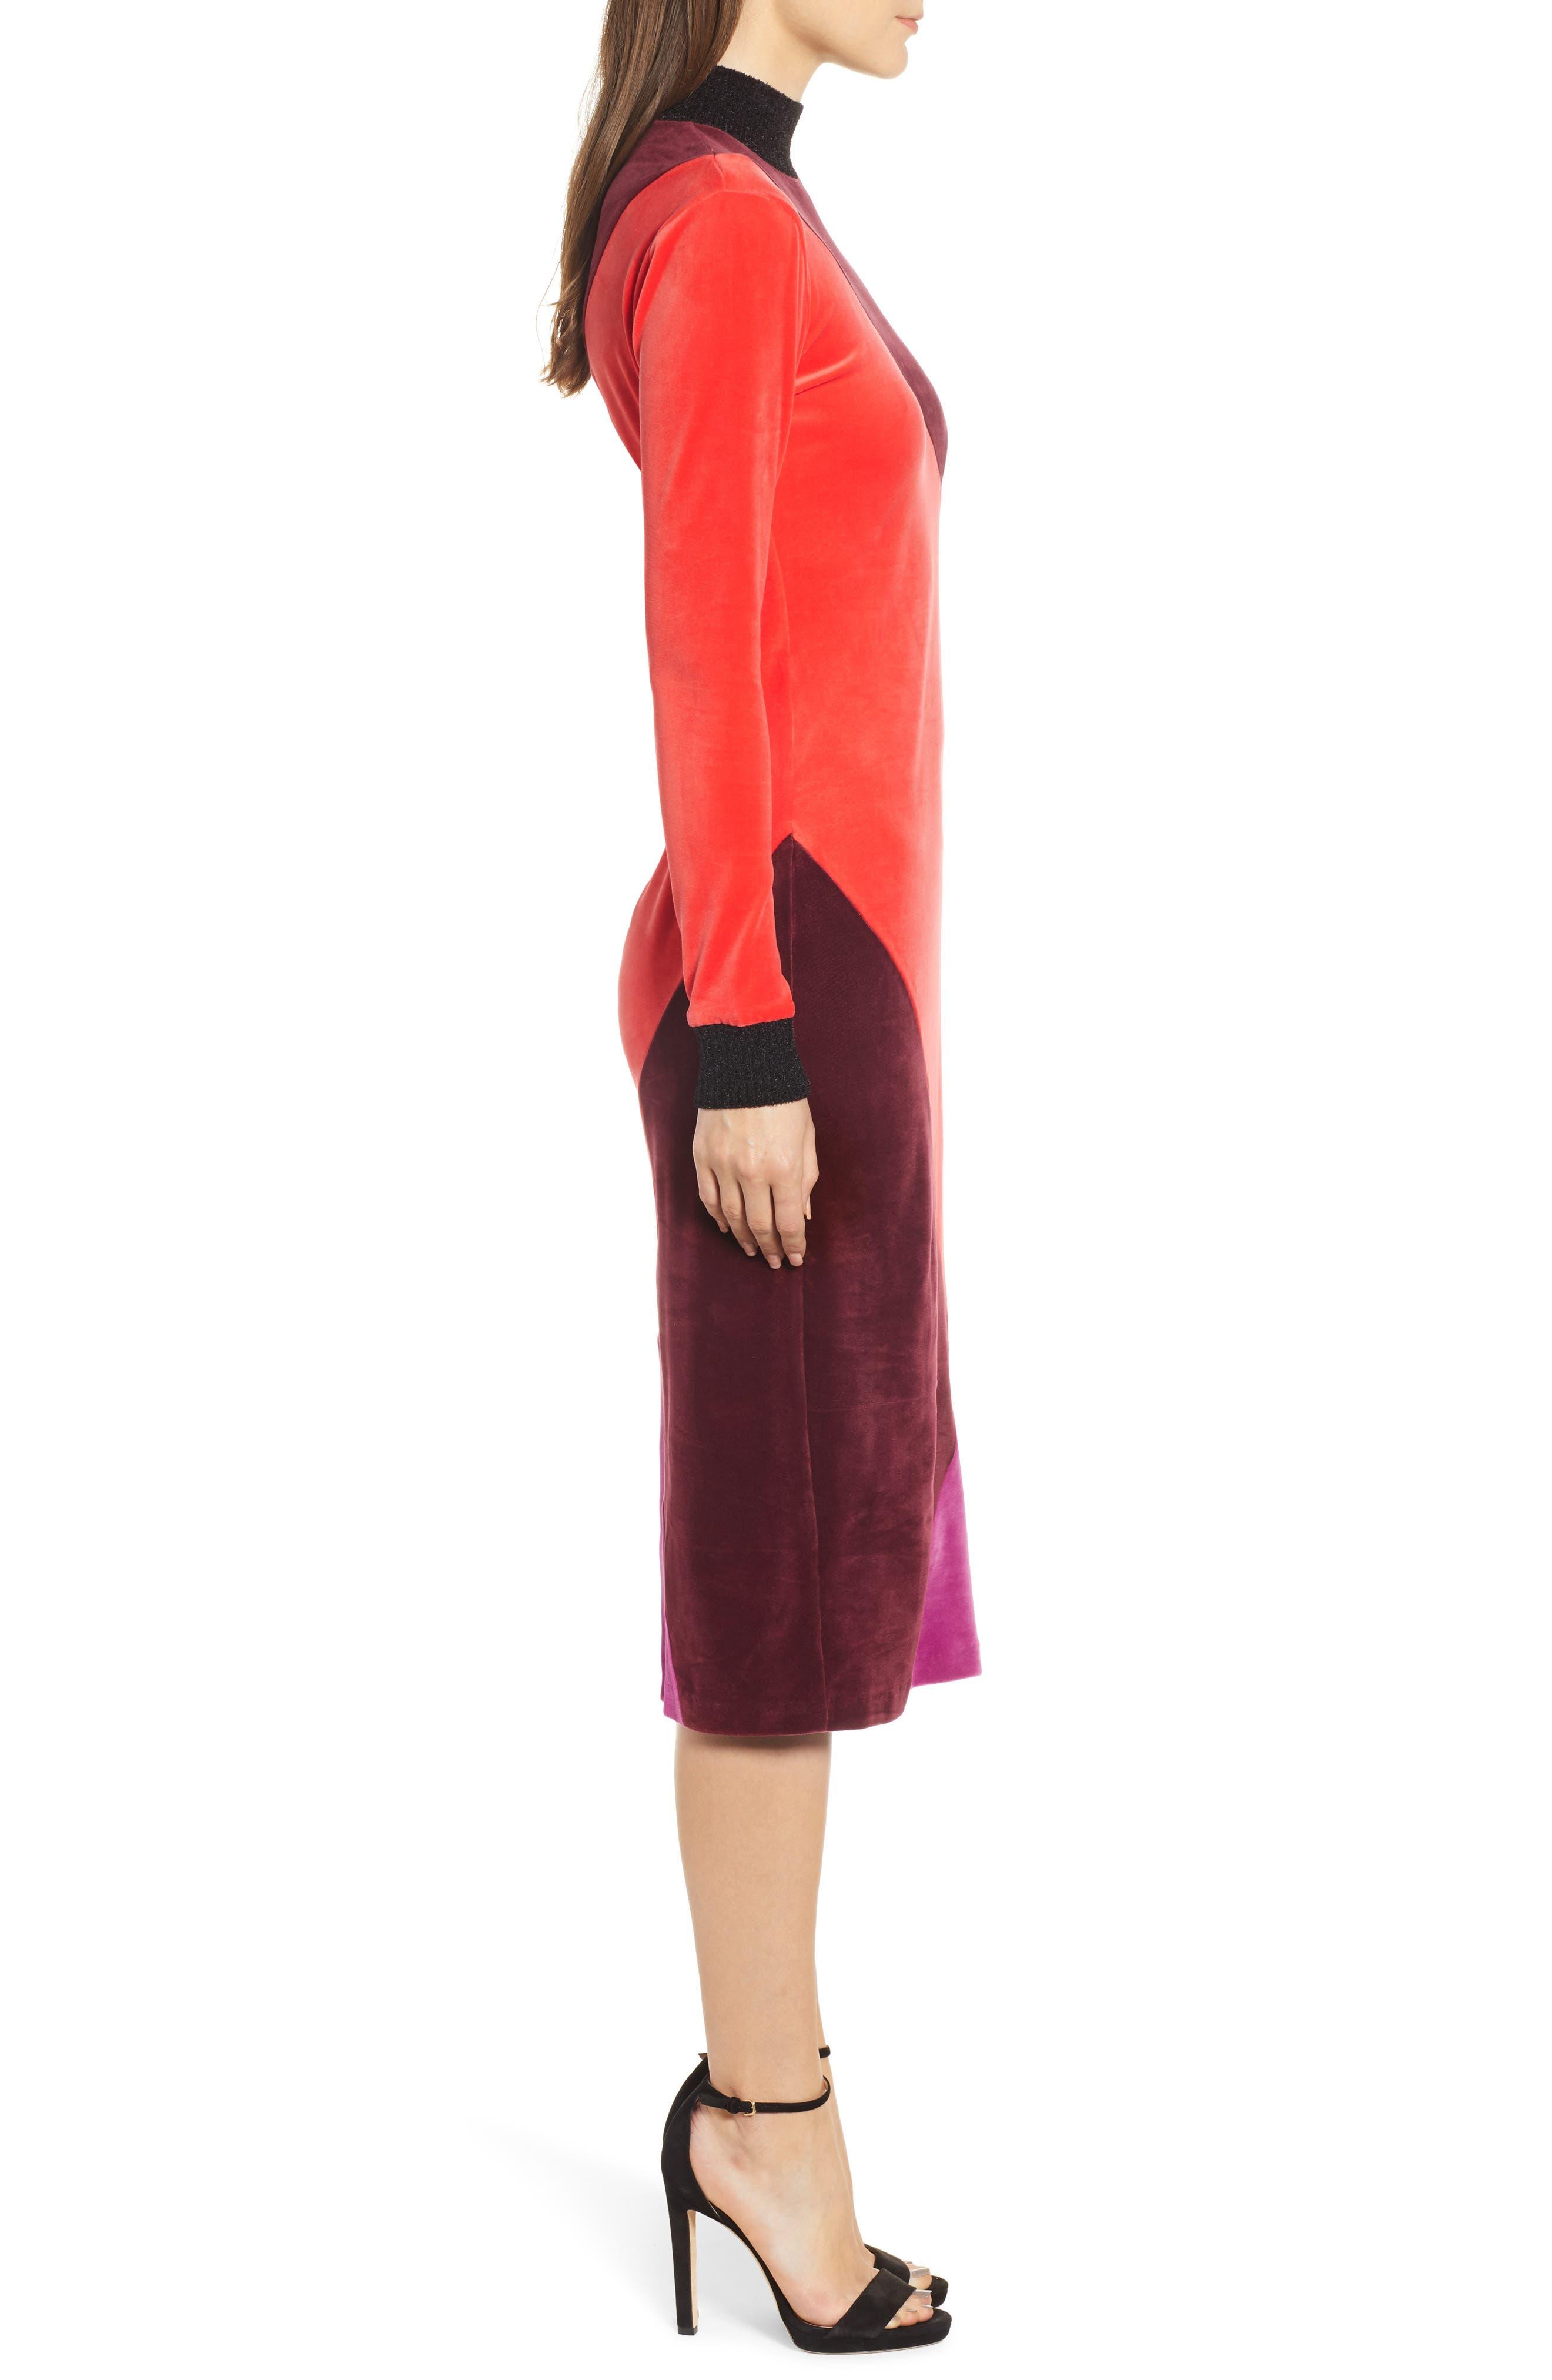 SPLENDID, Velluto Velour Midi Dress, Alternate thumbnail 4, color, 502